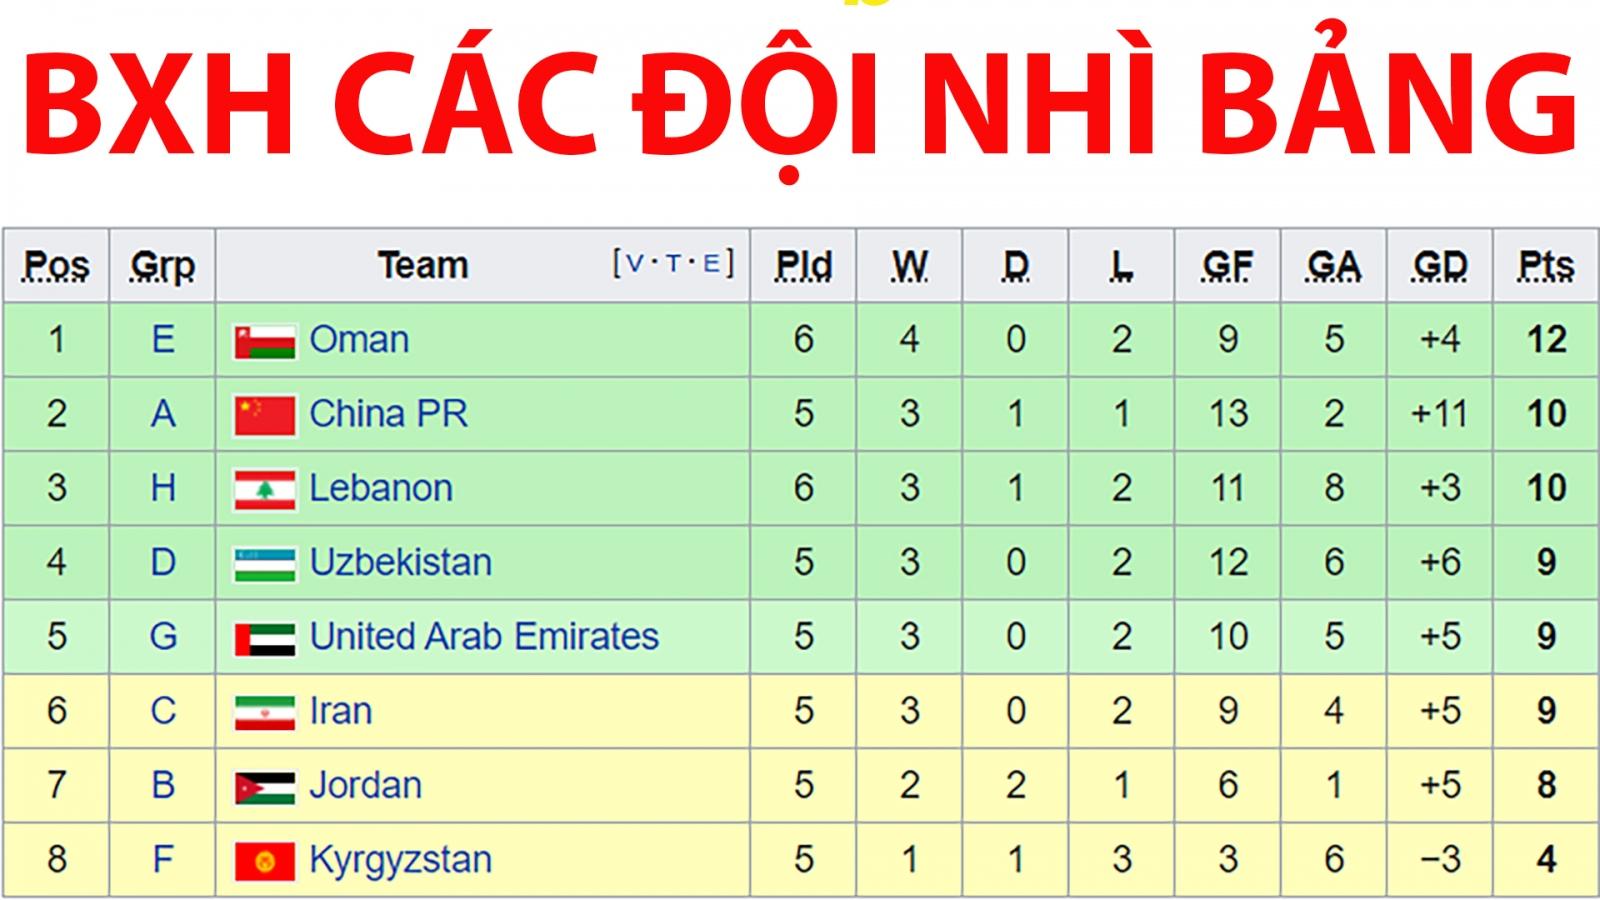 BXH các đội nhì bảng tại vòng loại World Cup 2022 khu vực châu Á mới nhất